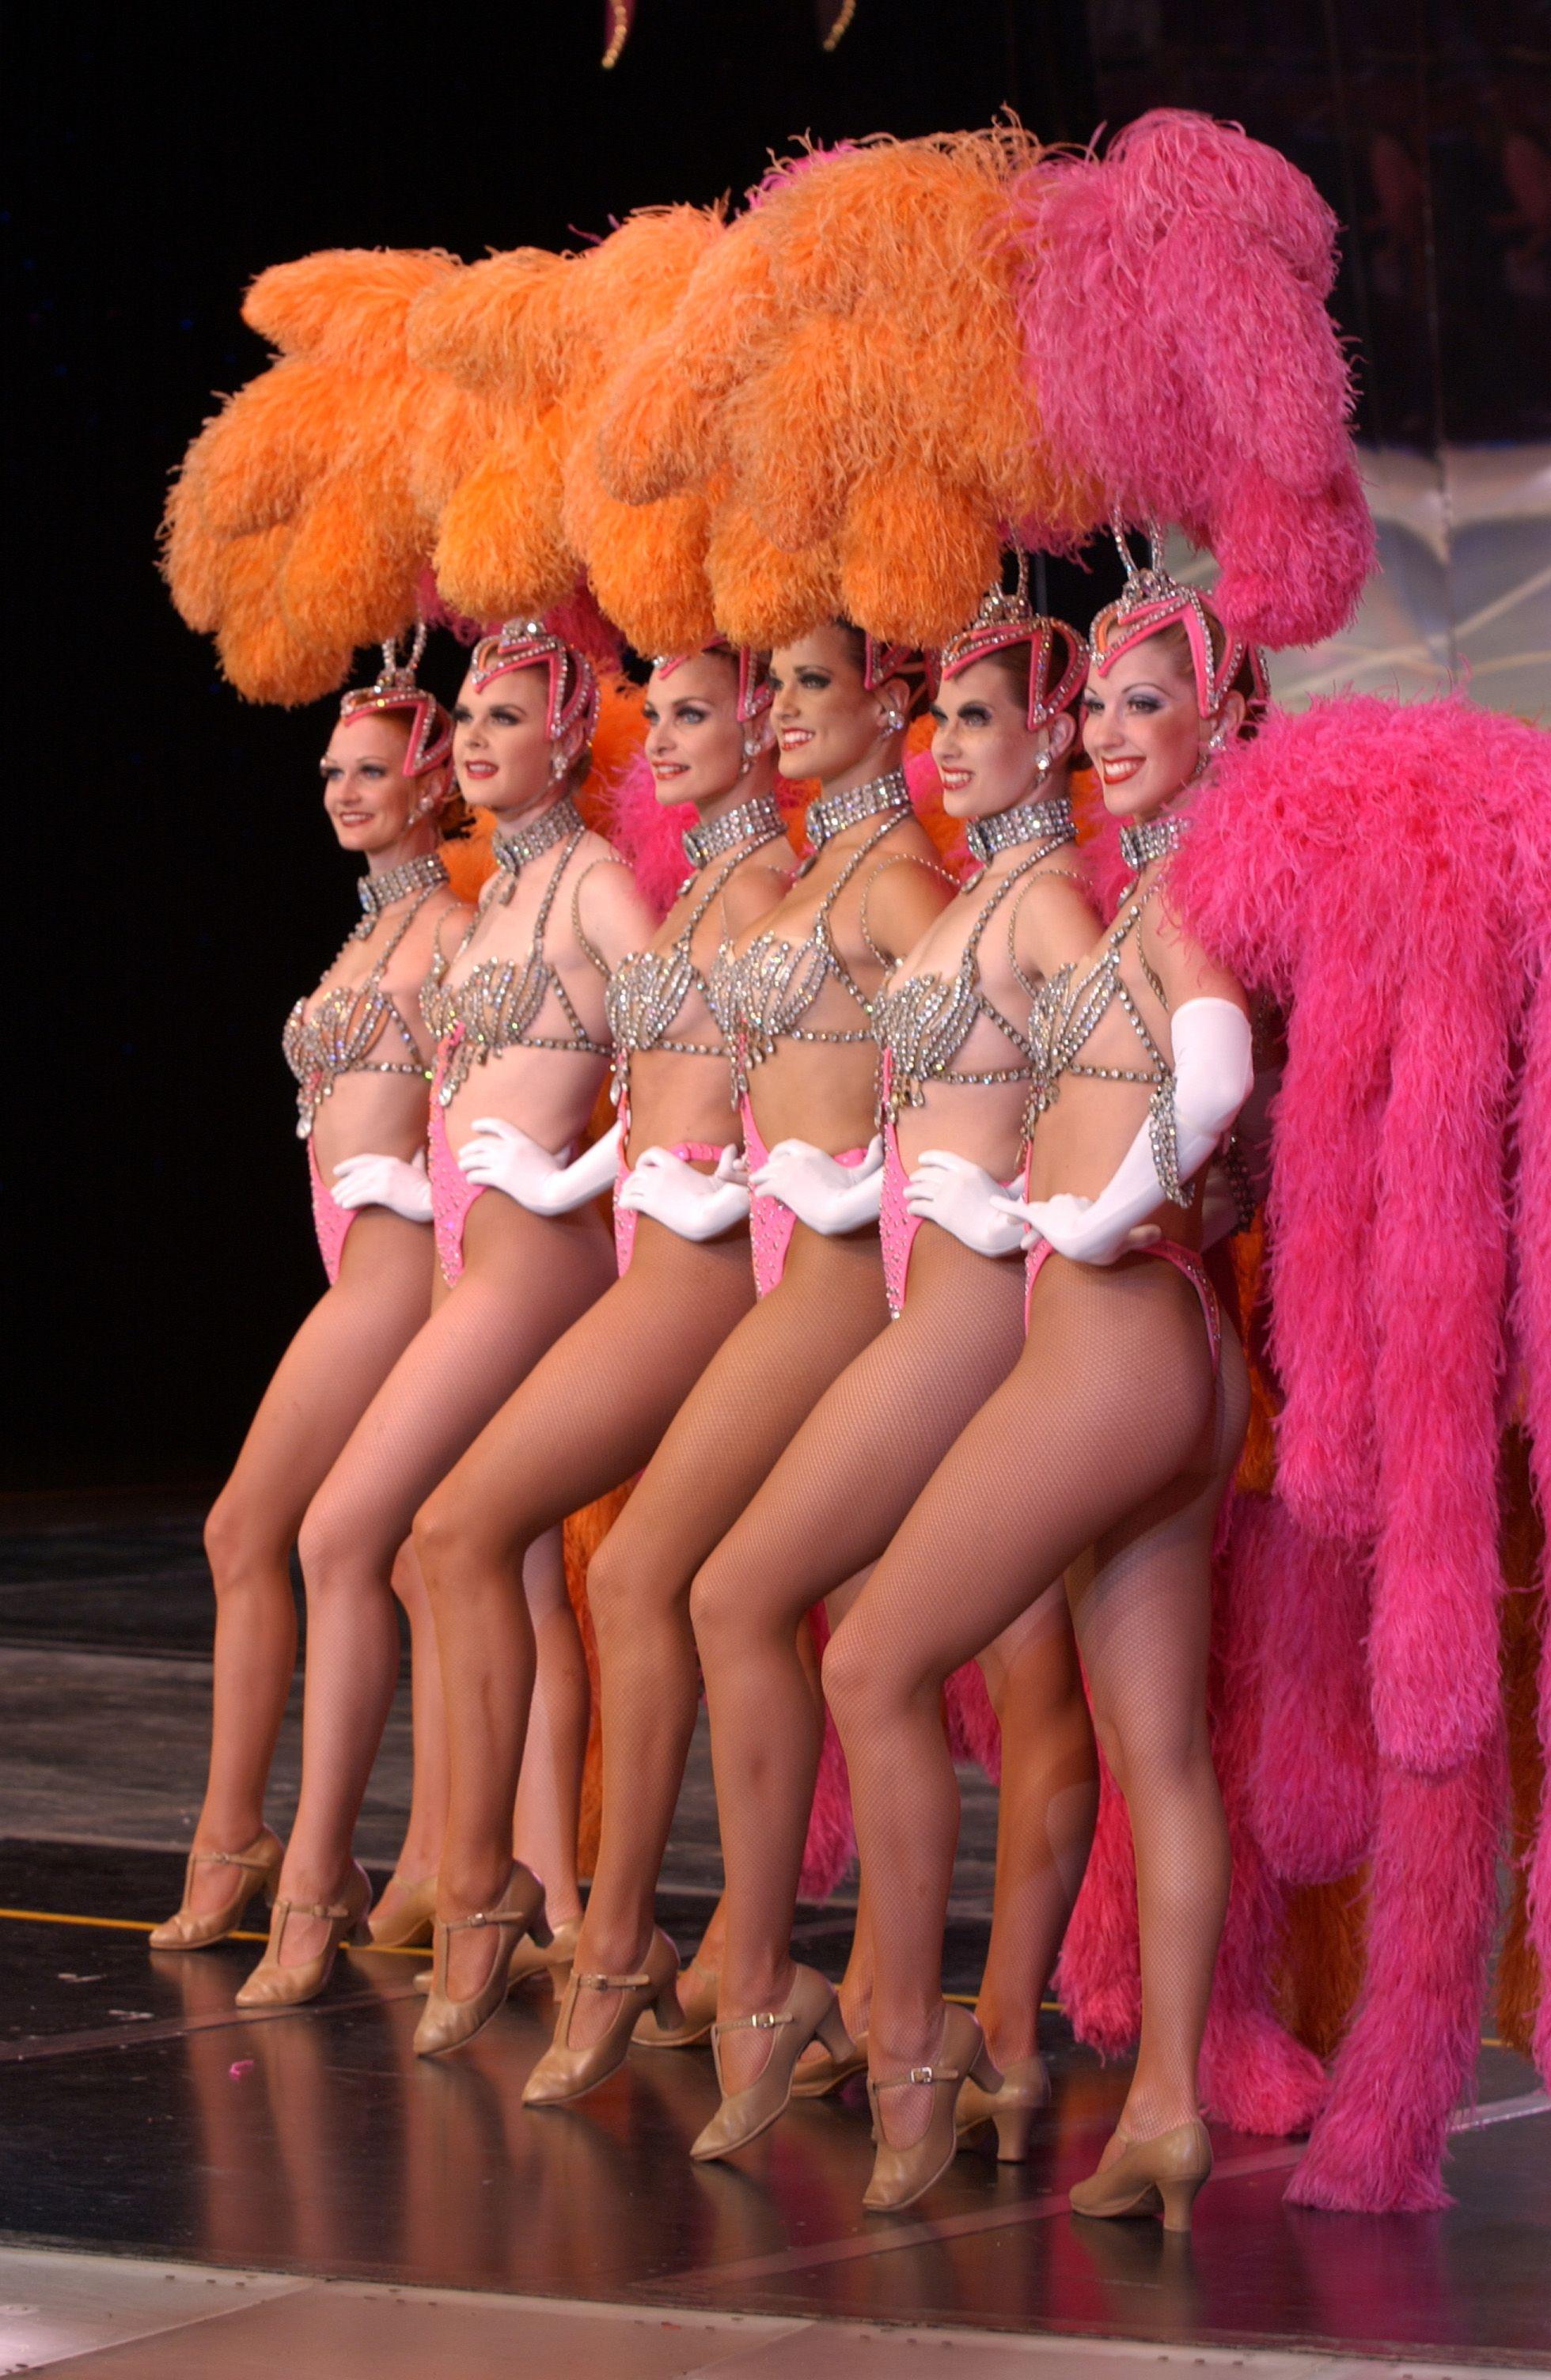 Vegas showgirls pic 13